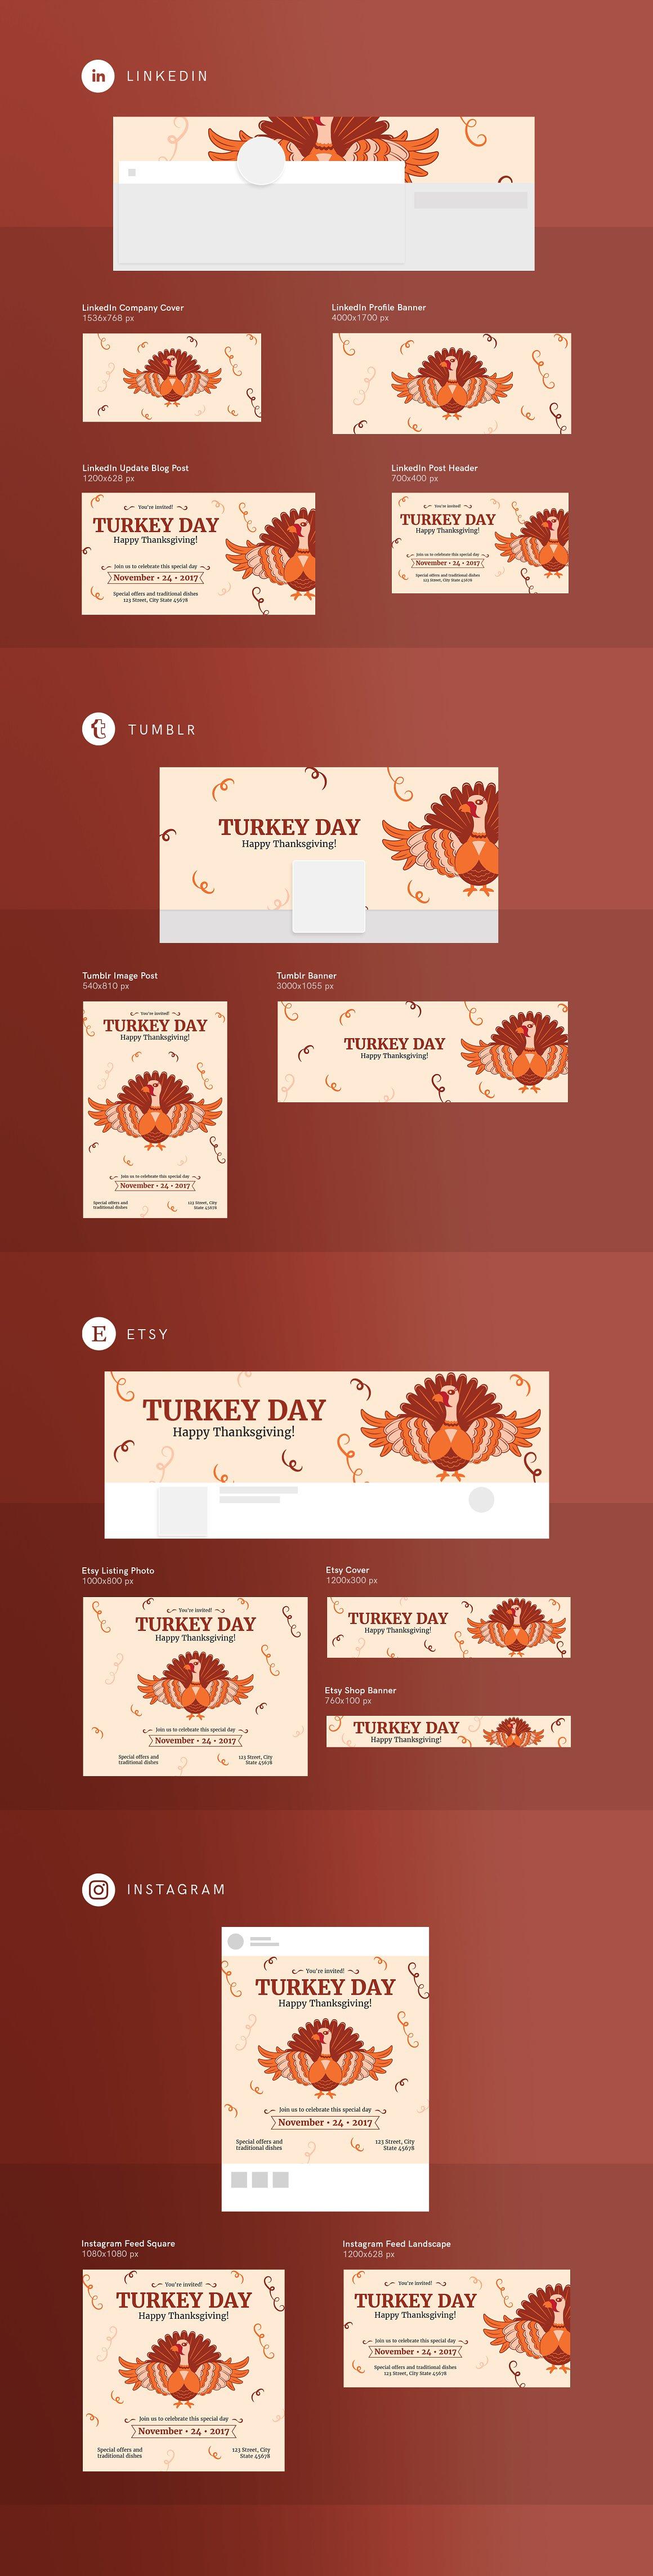 Social Media Pack | Turkey Day